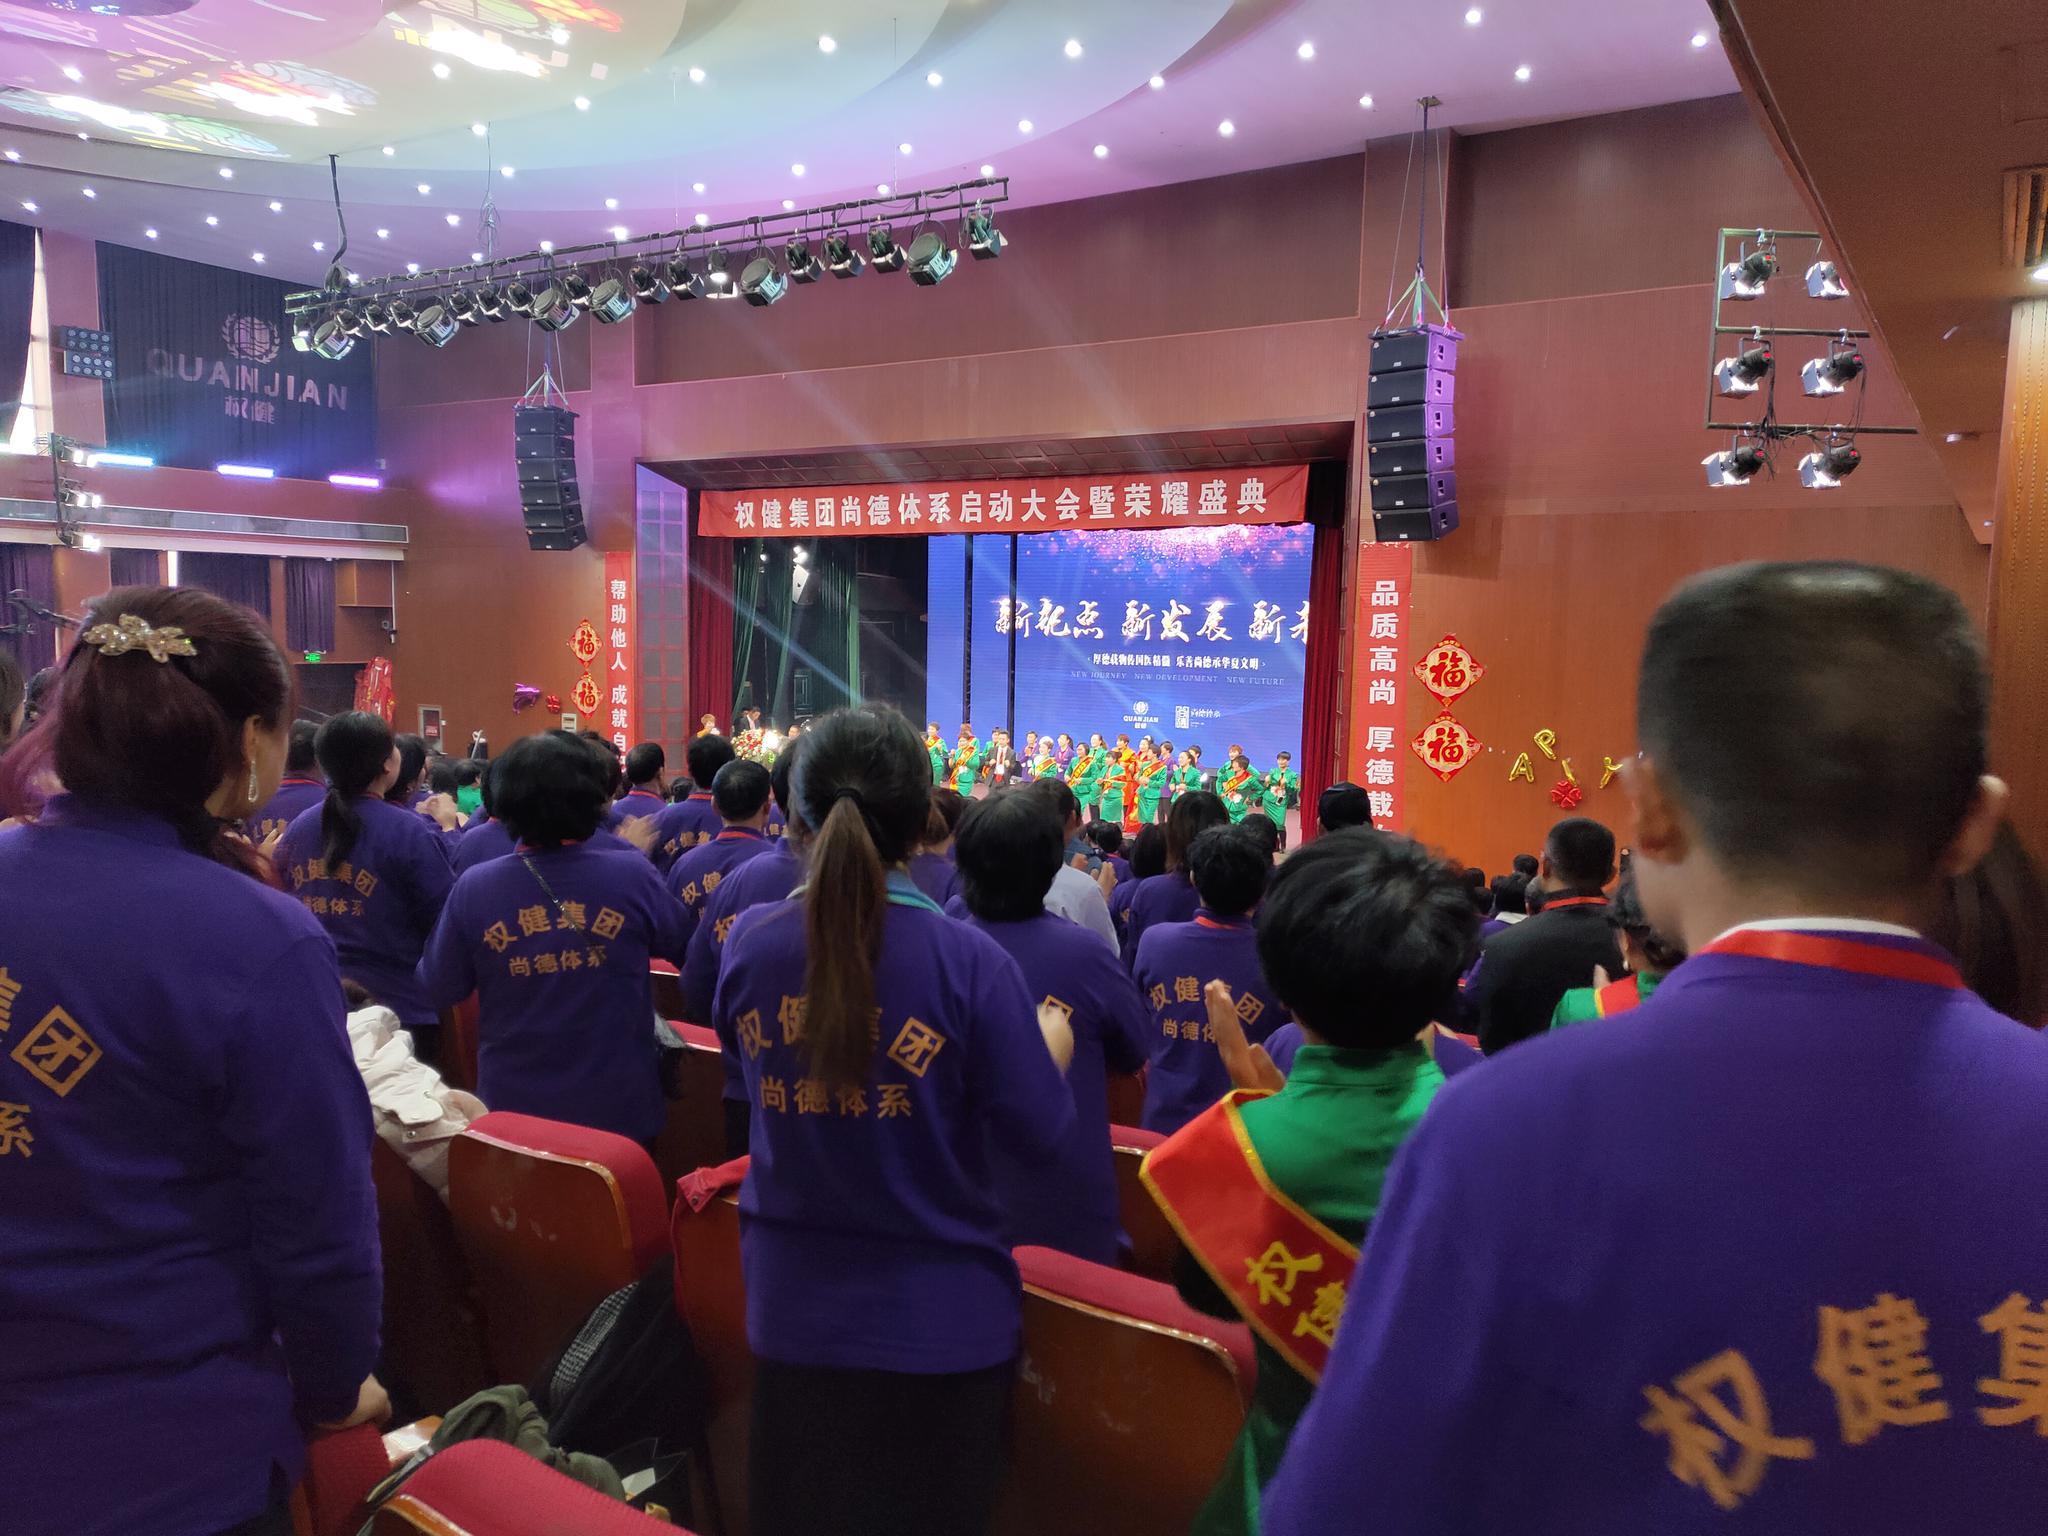 大会现场外演环节,参会人权通盘首立跟下兴高采烈。新京报记者 康佳 摄